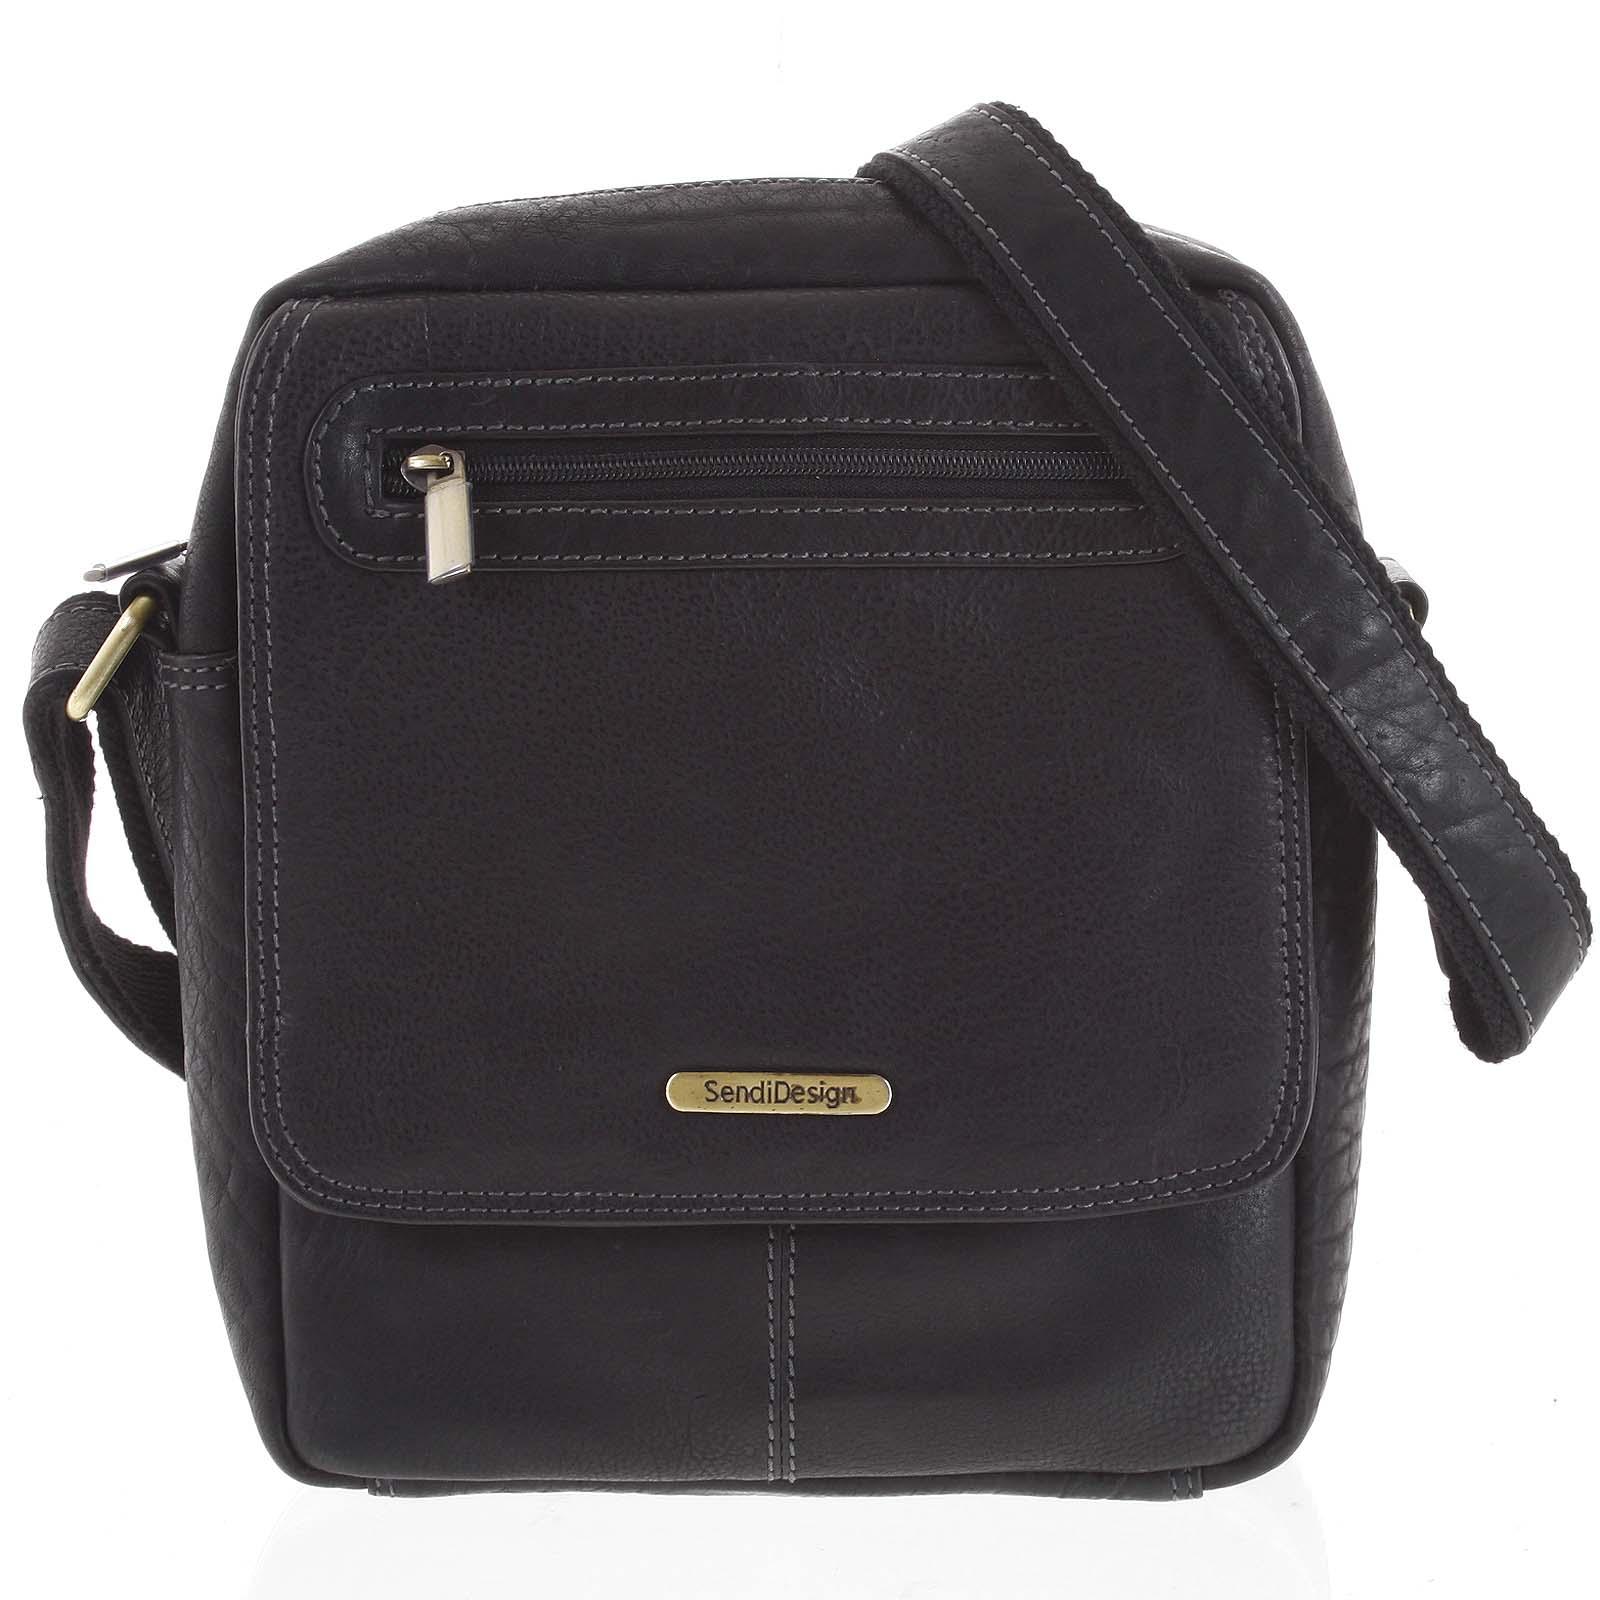 Kožená pánská taška přes rameno černá - SendiDesign Edmar